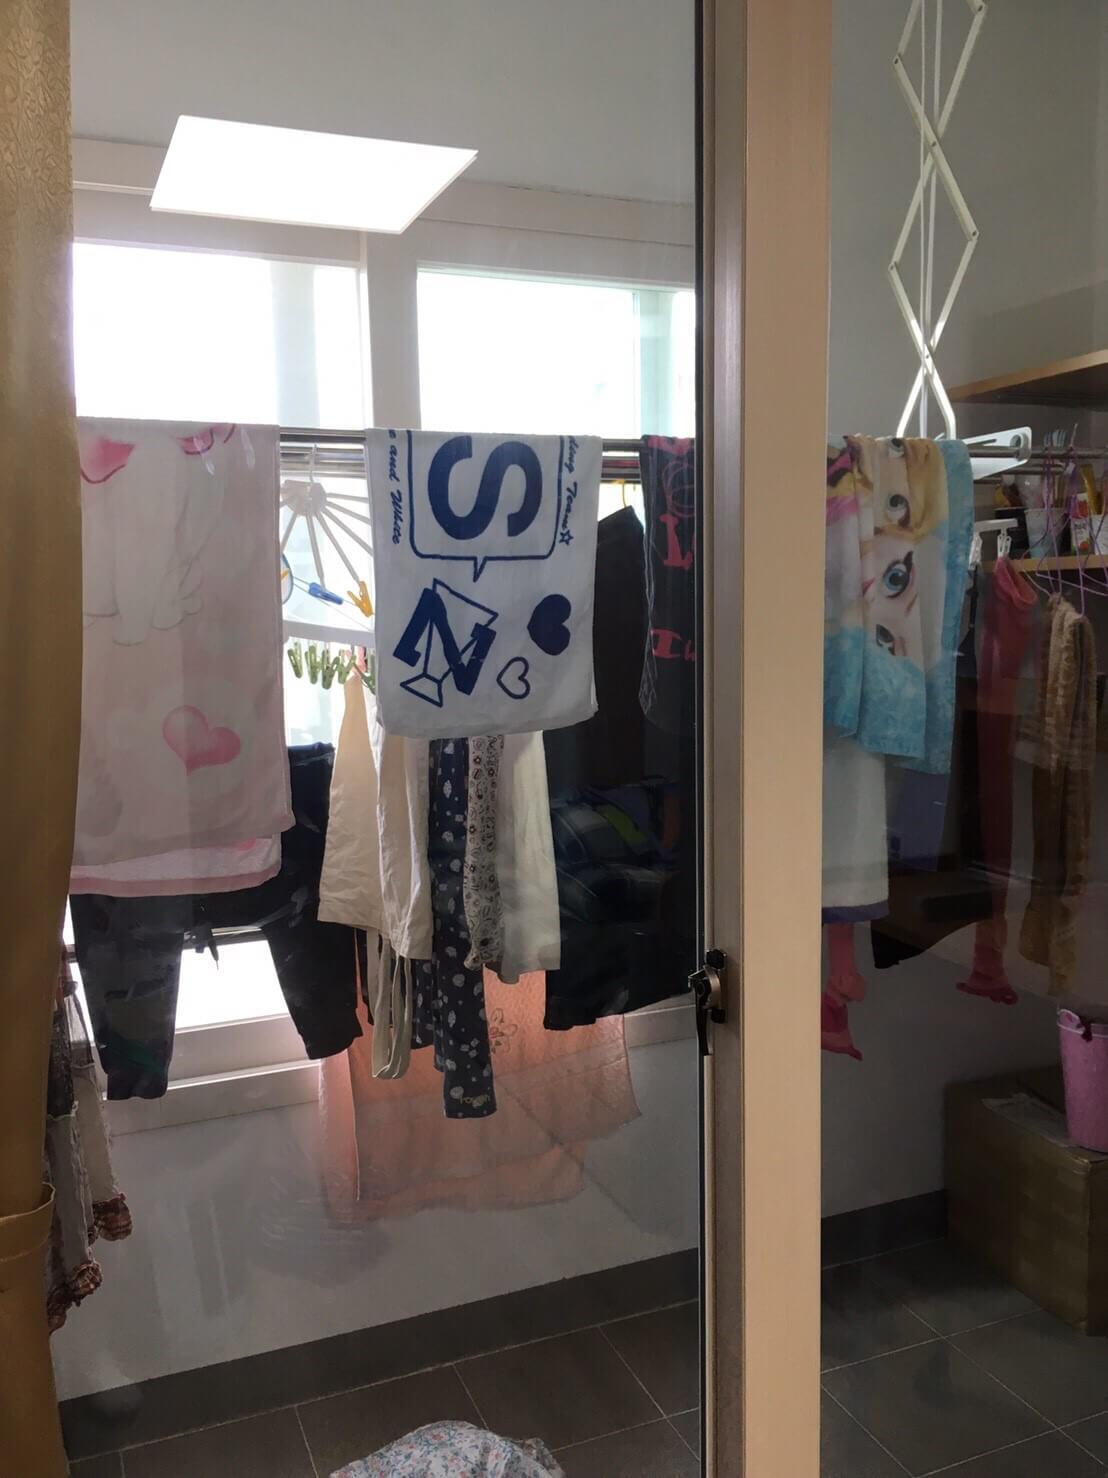 済州大学の寮のベランダ